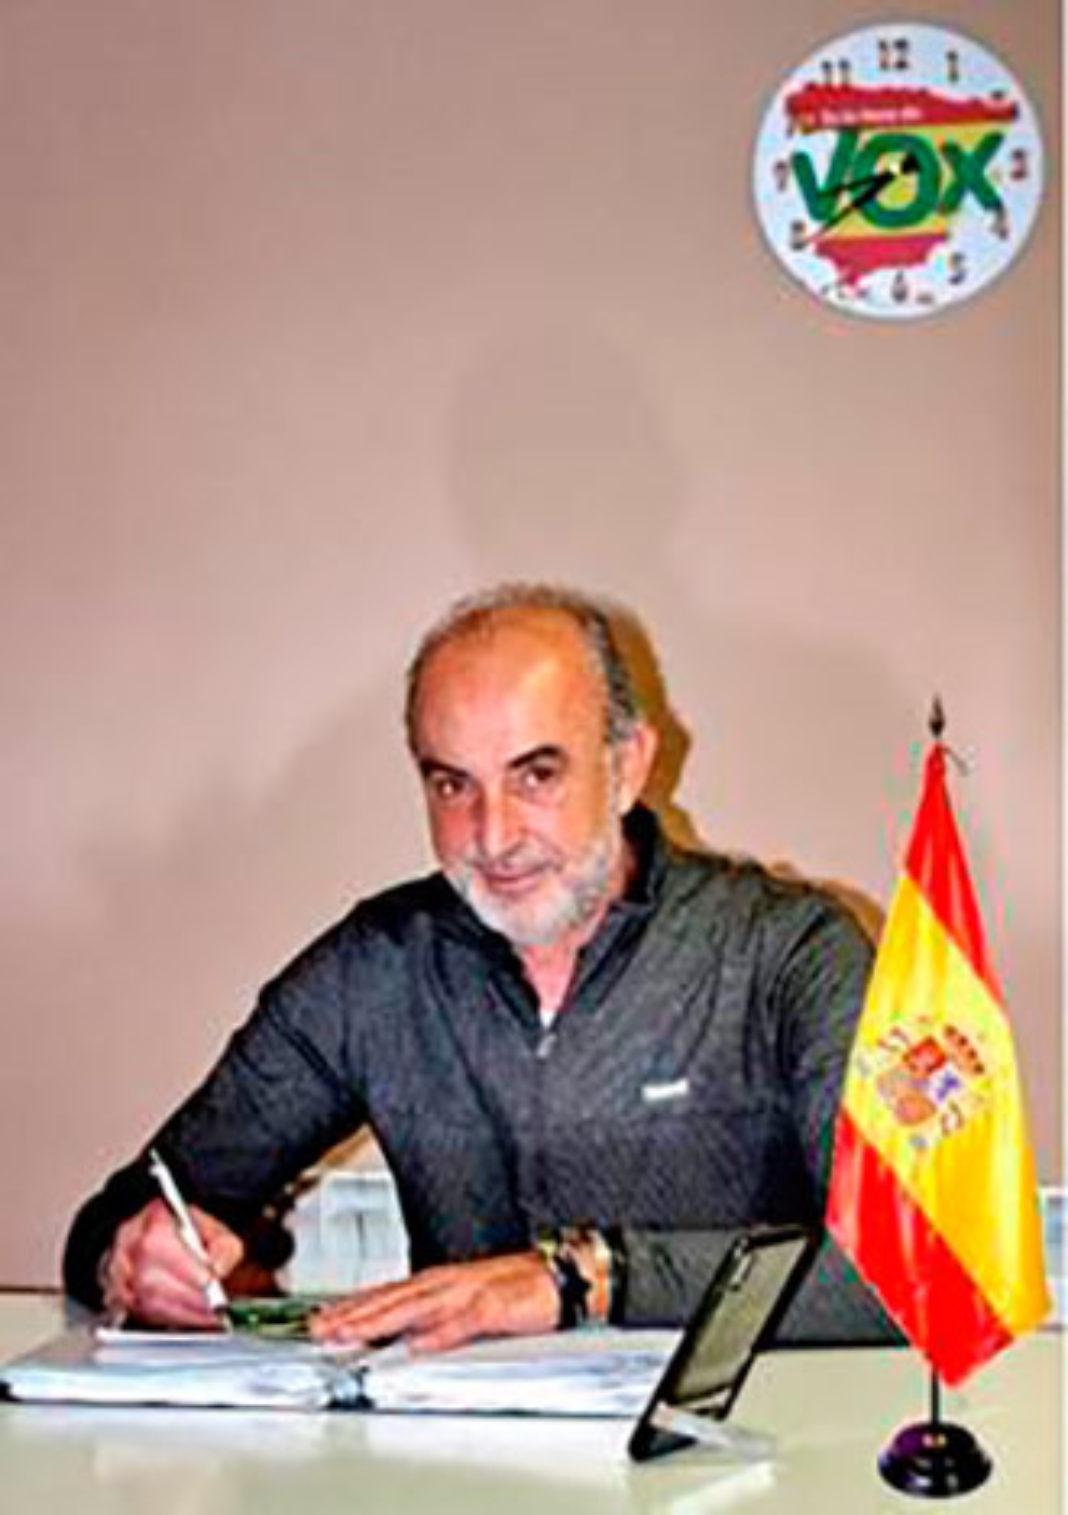 José Antonio Rodríguez de Tembleque es el candidato de VOX a la Alcaldía de Herencia 4